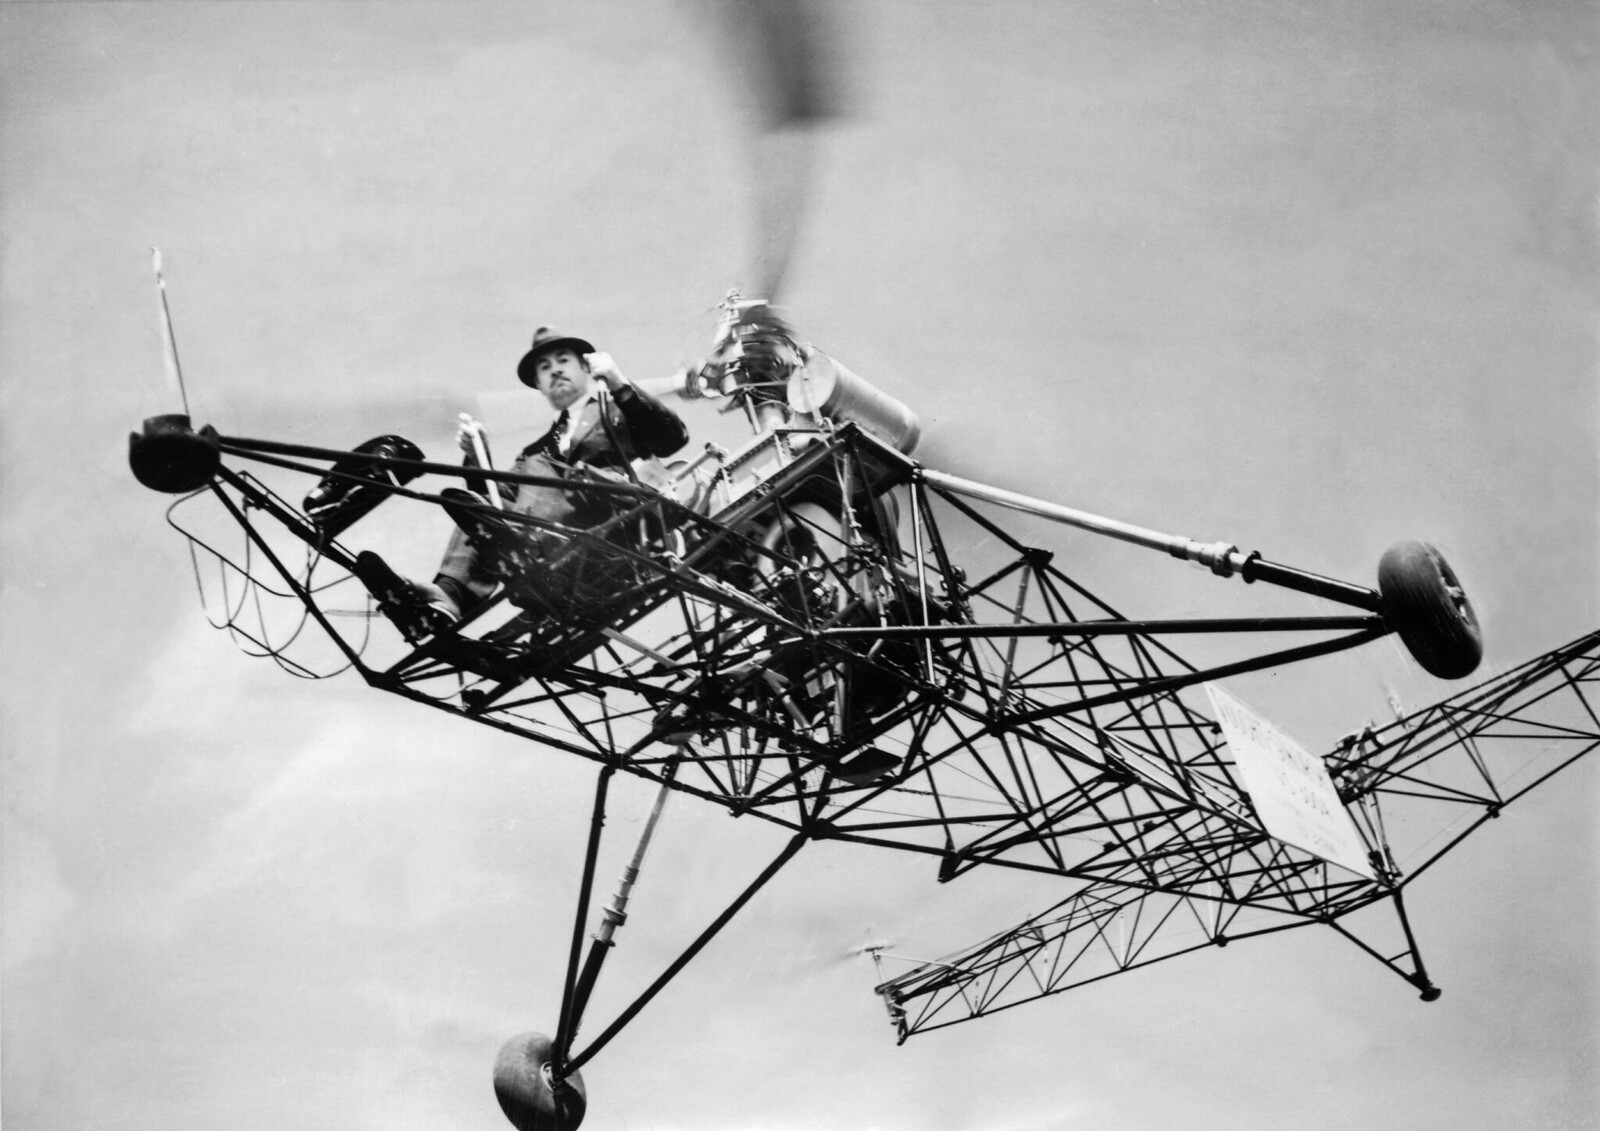 1930. Игорь СИКОРСКИЙ на своем вертолете, с которым он побил рекорд продолжительности пребывания в воздухе (один час 32 минуты 30 секунд) в Бриджпорте, штат Коннектикут